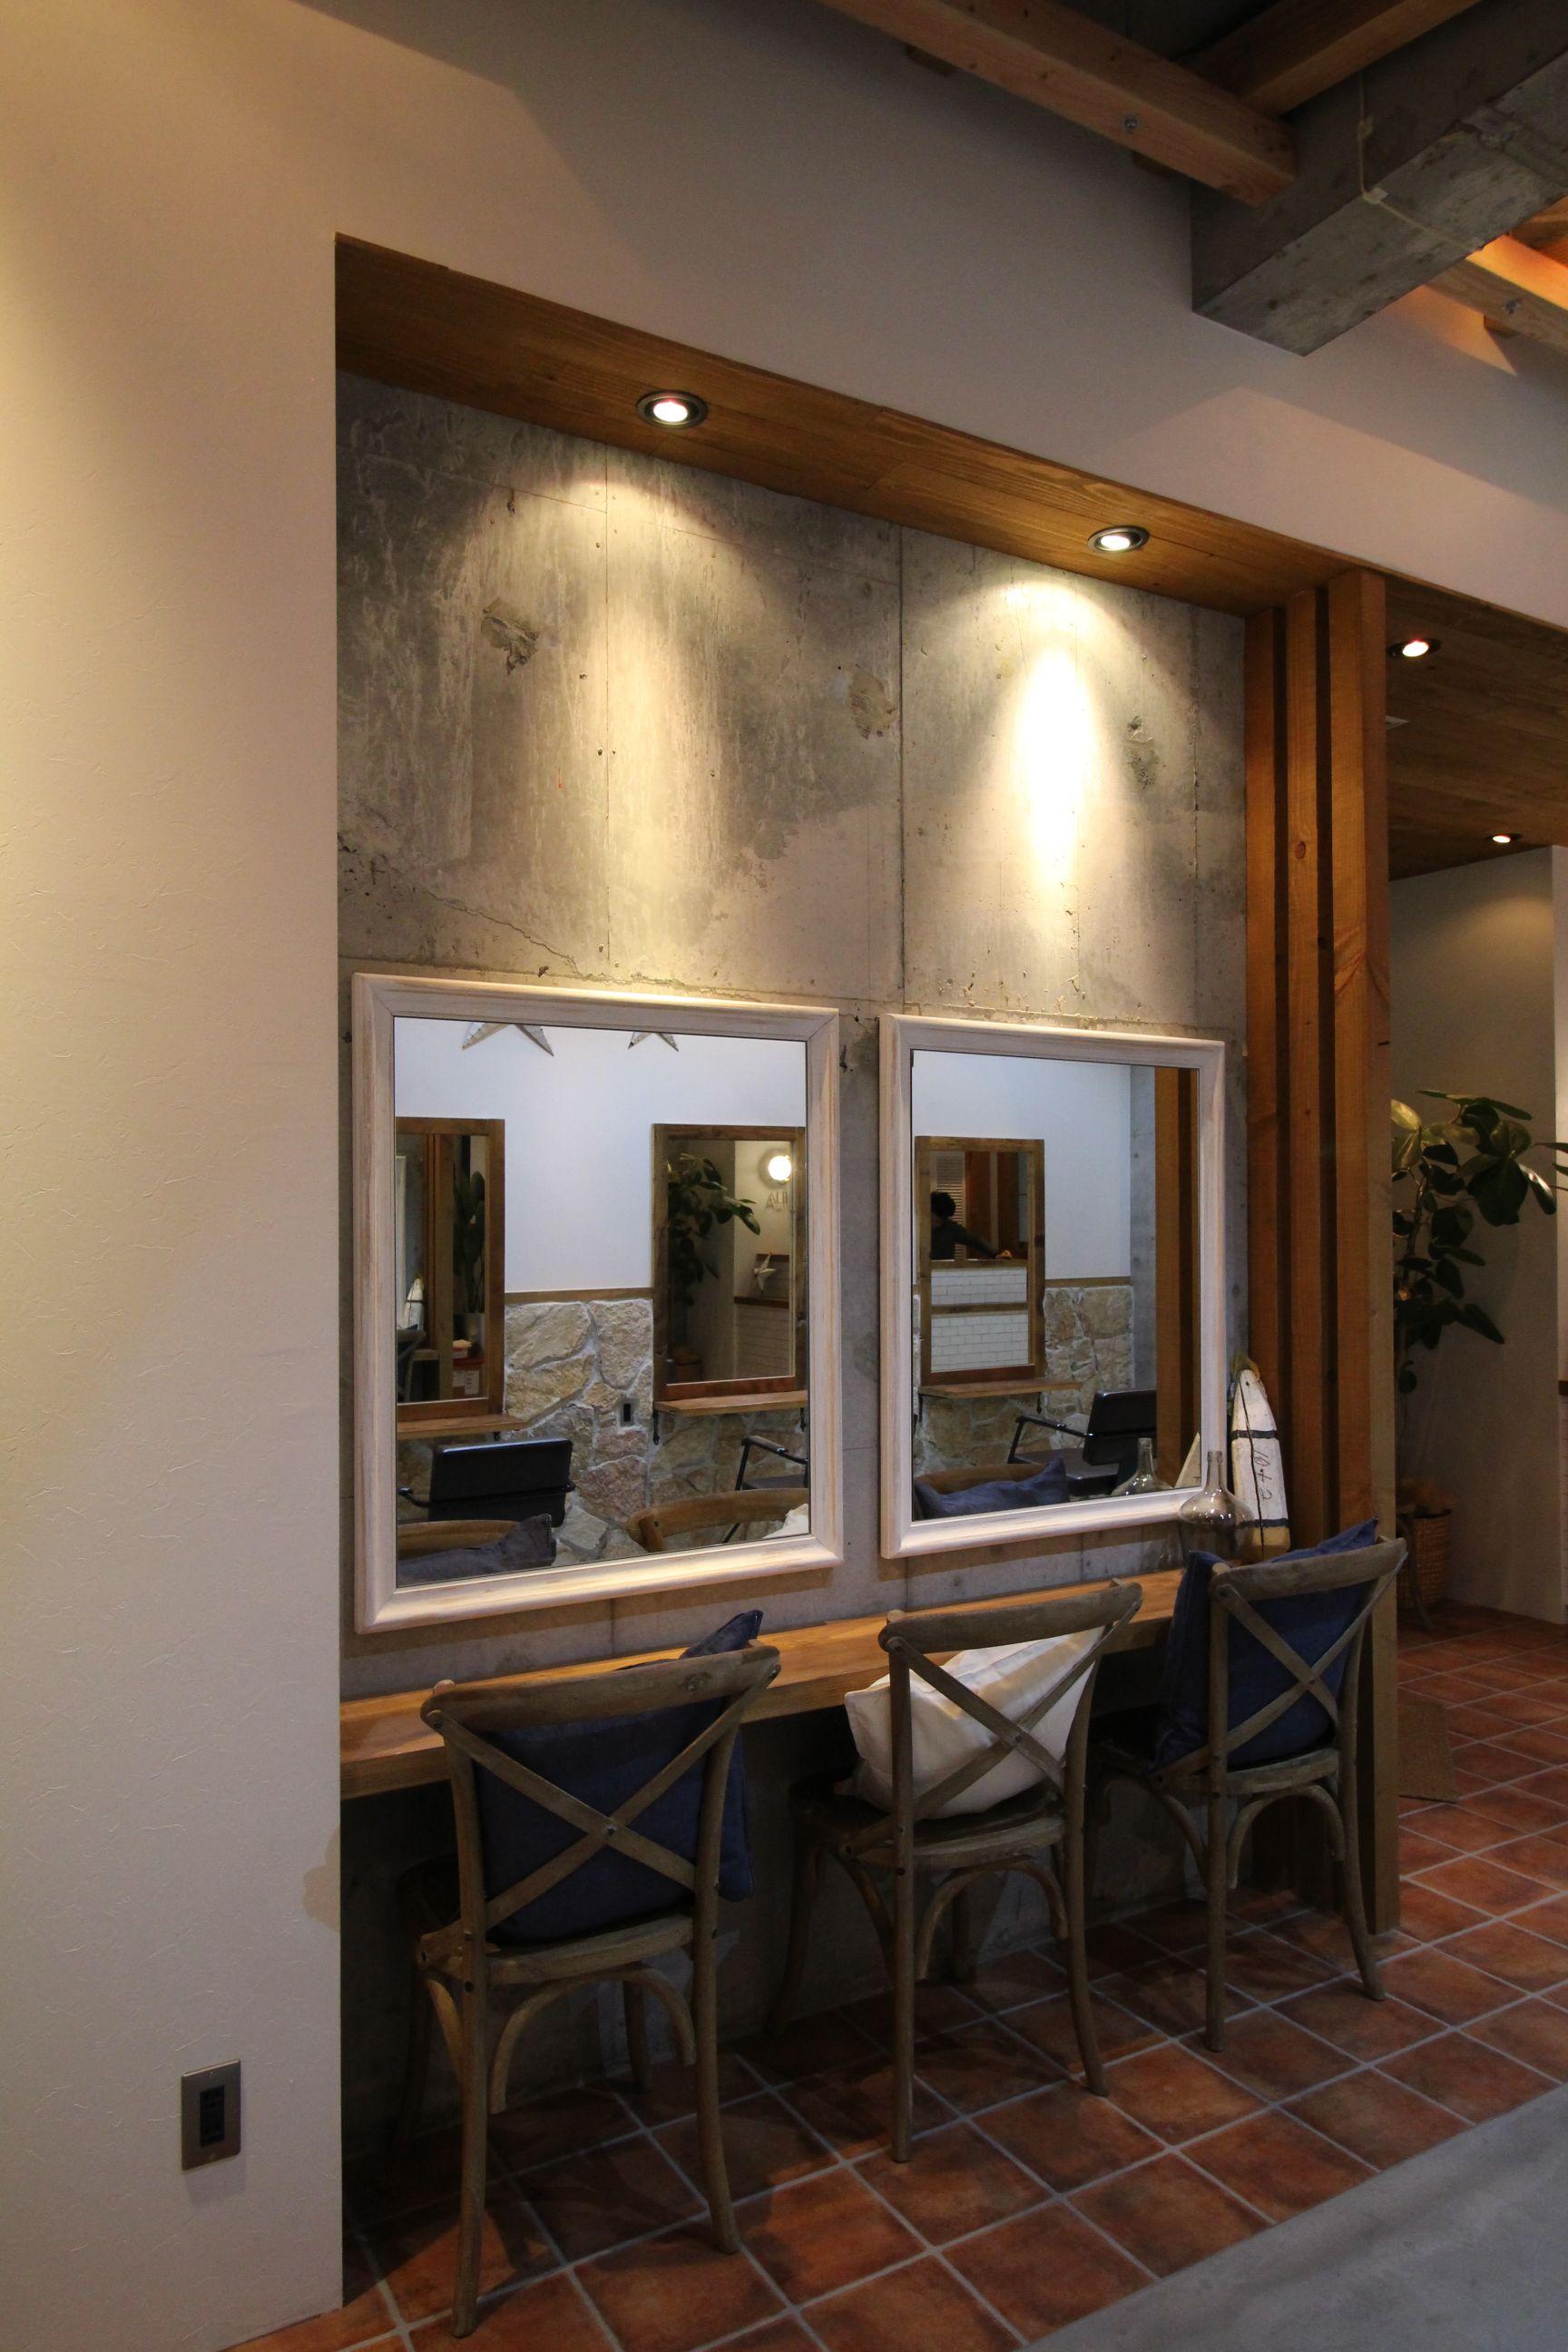 渋谷区の美容室内装デザインの写真